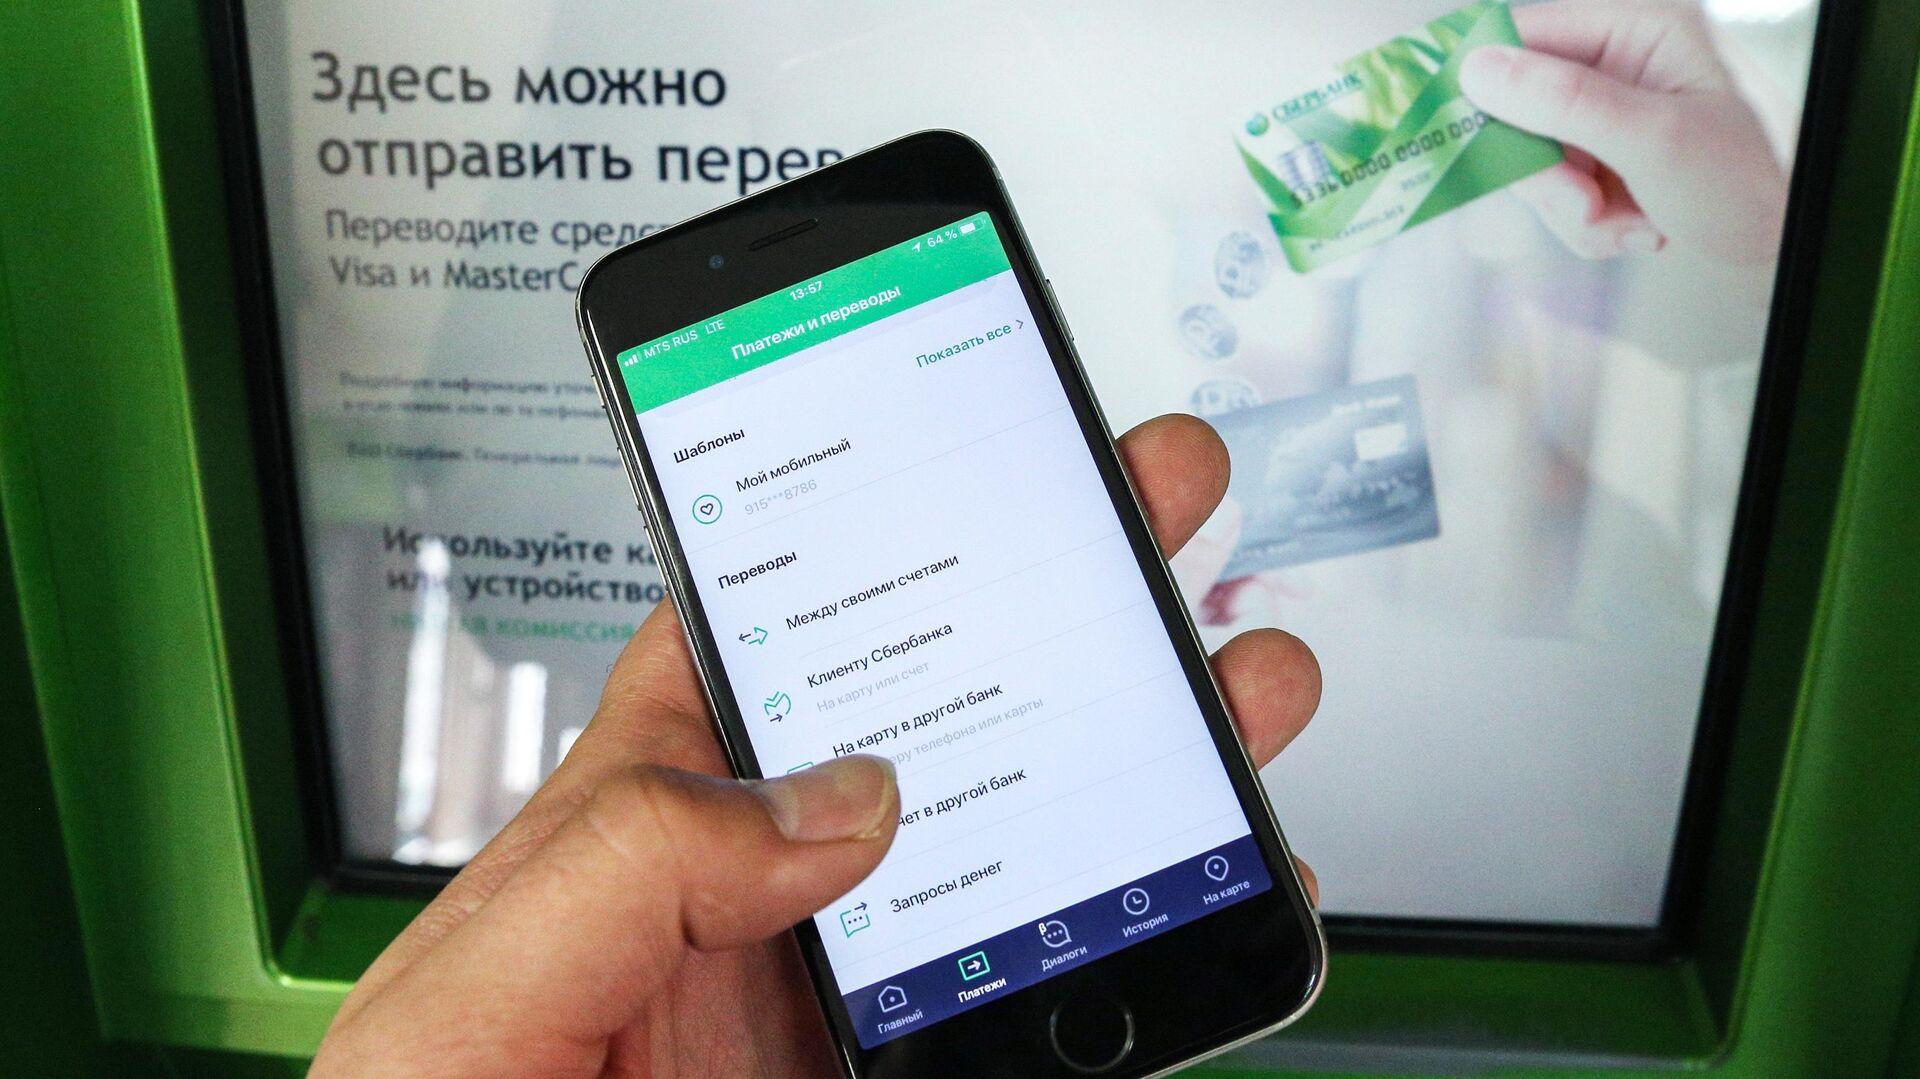 Мобильное приложение Сбербанк Онлайн - РИА Новости, 1920, 23.07.2020